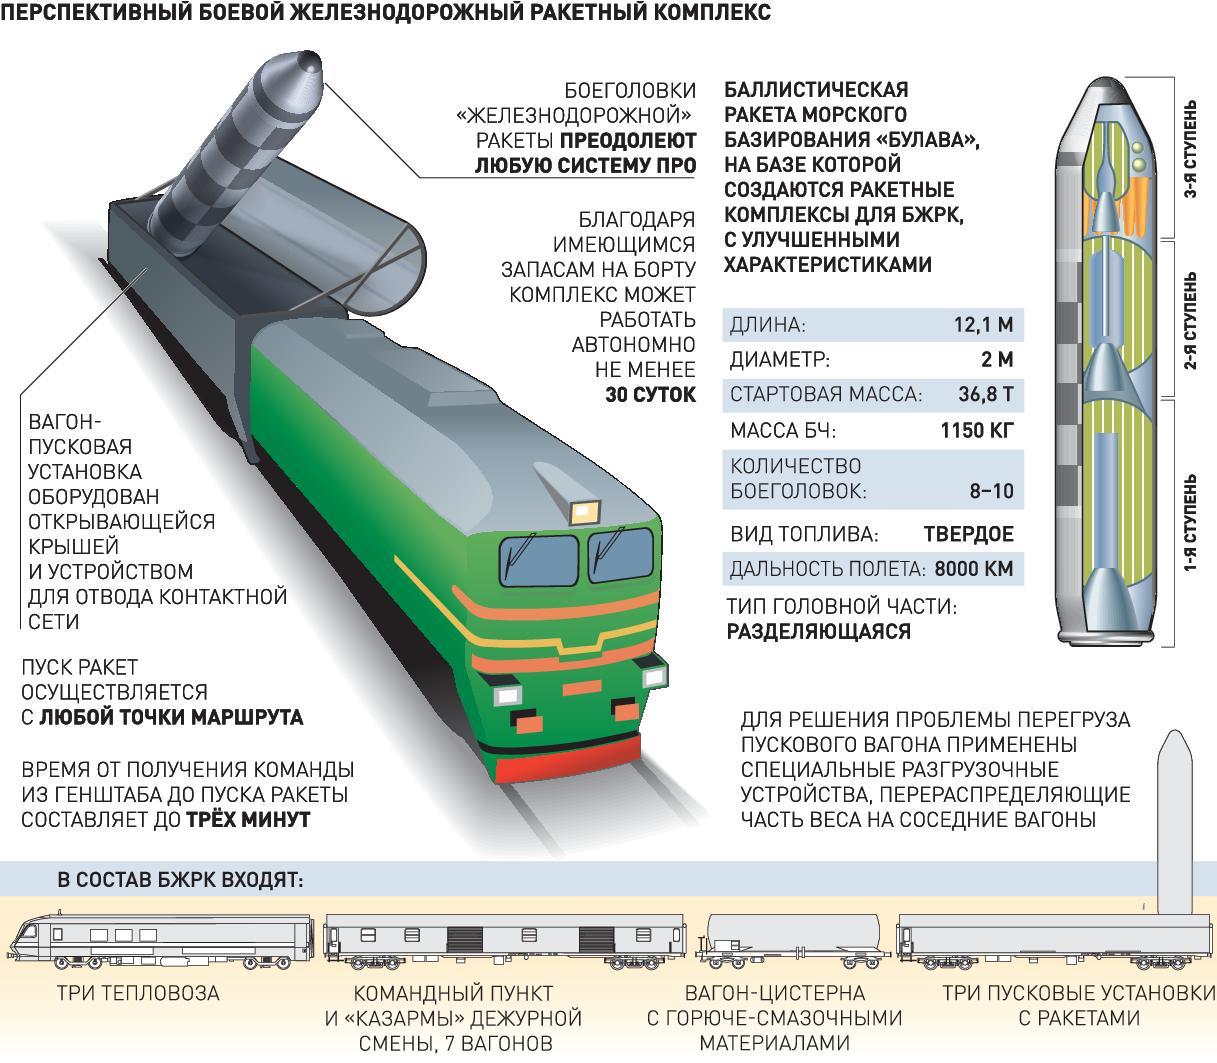 Разработка боевых железнодорожных комплексов нового поколения прекращена